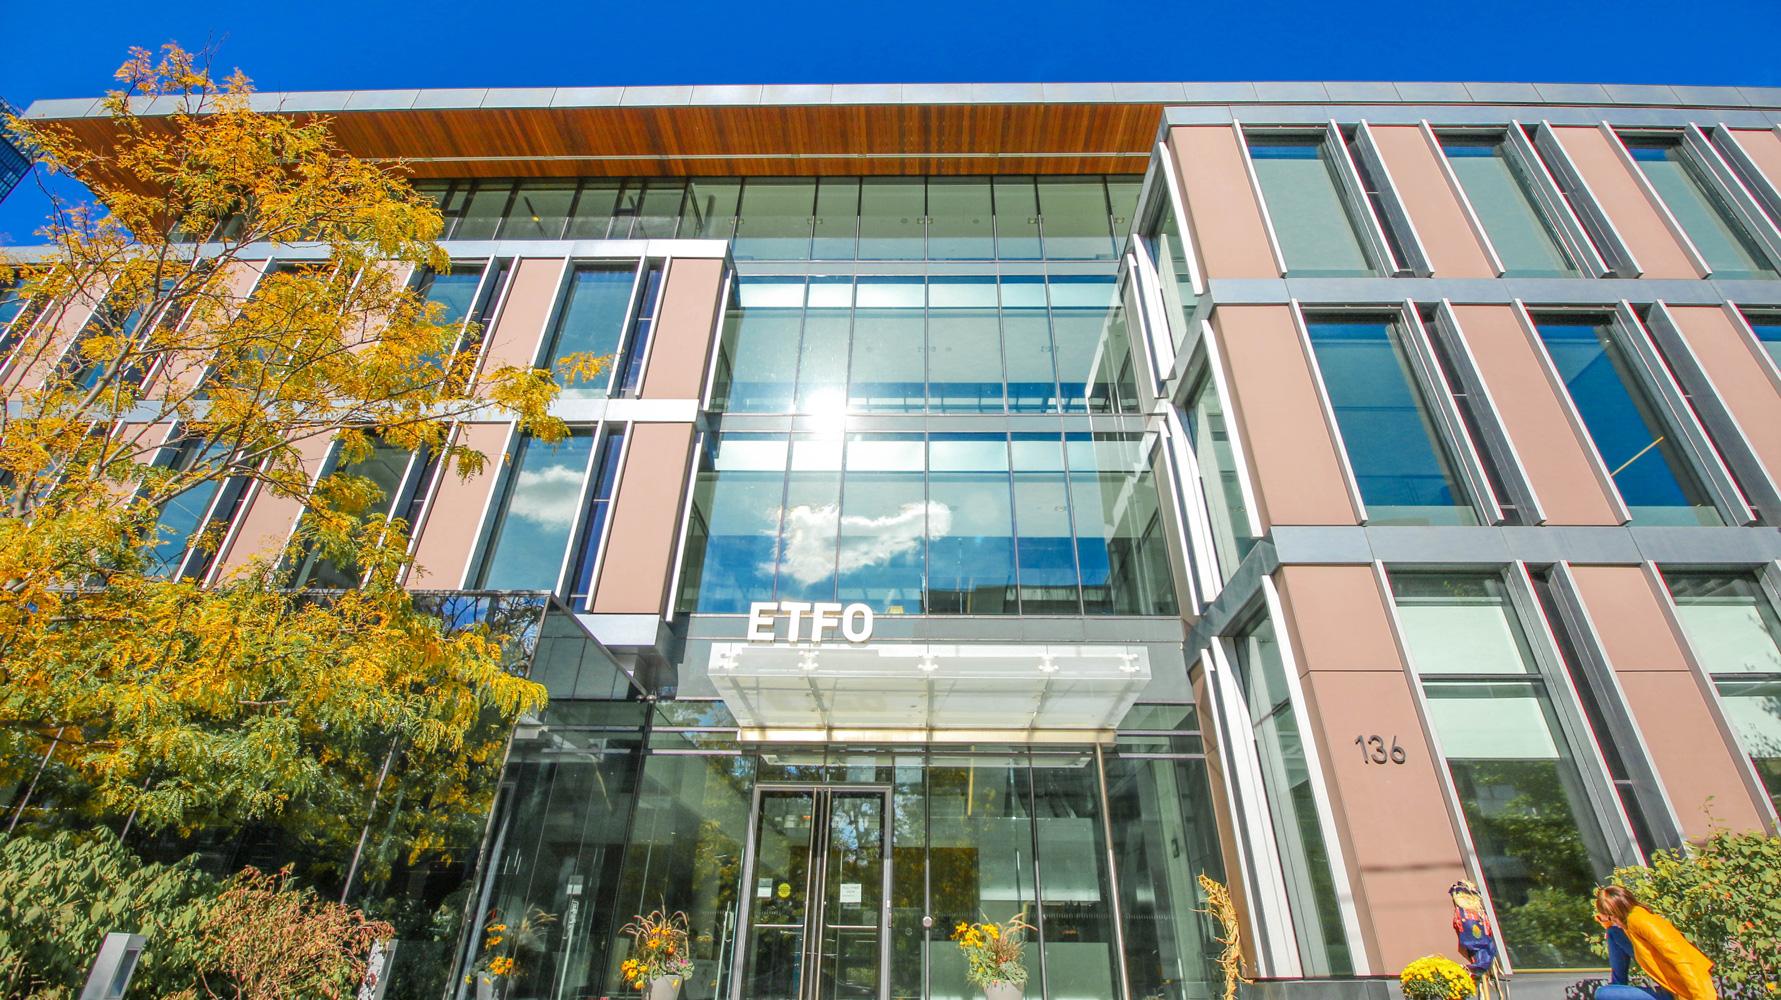 E.T.F.O. building